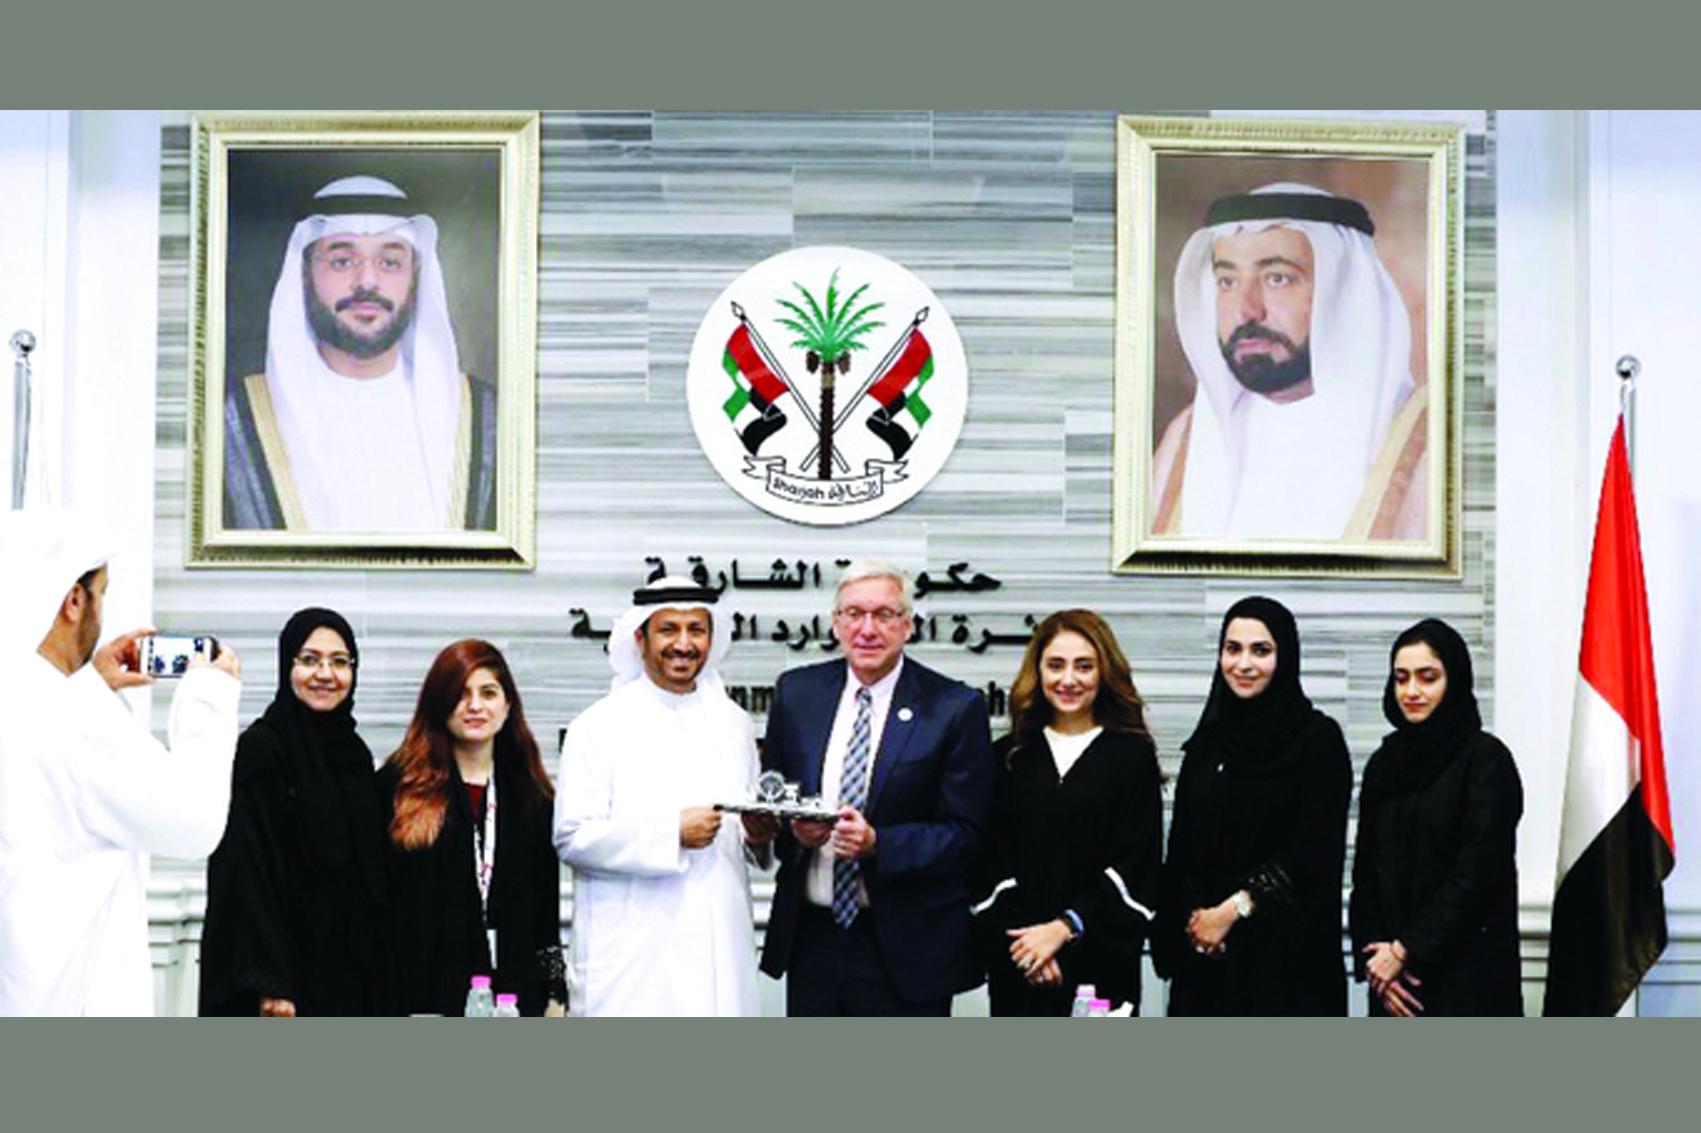 اجتماع تنسيقي للتحضير لألعاب الأولمبياد الخاص العالمية في أبوظبي